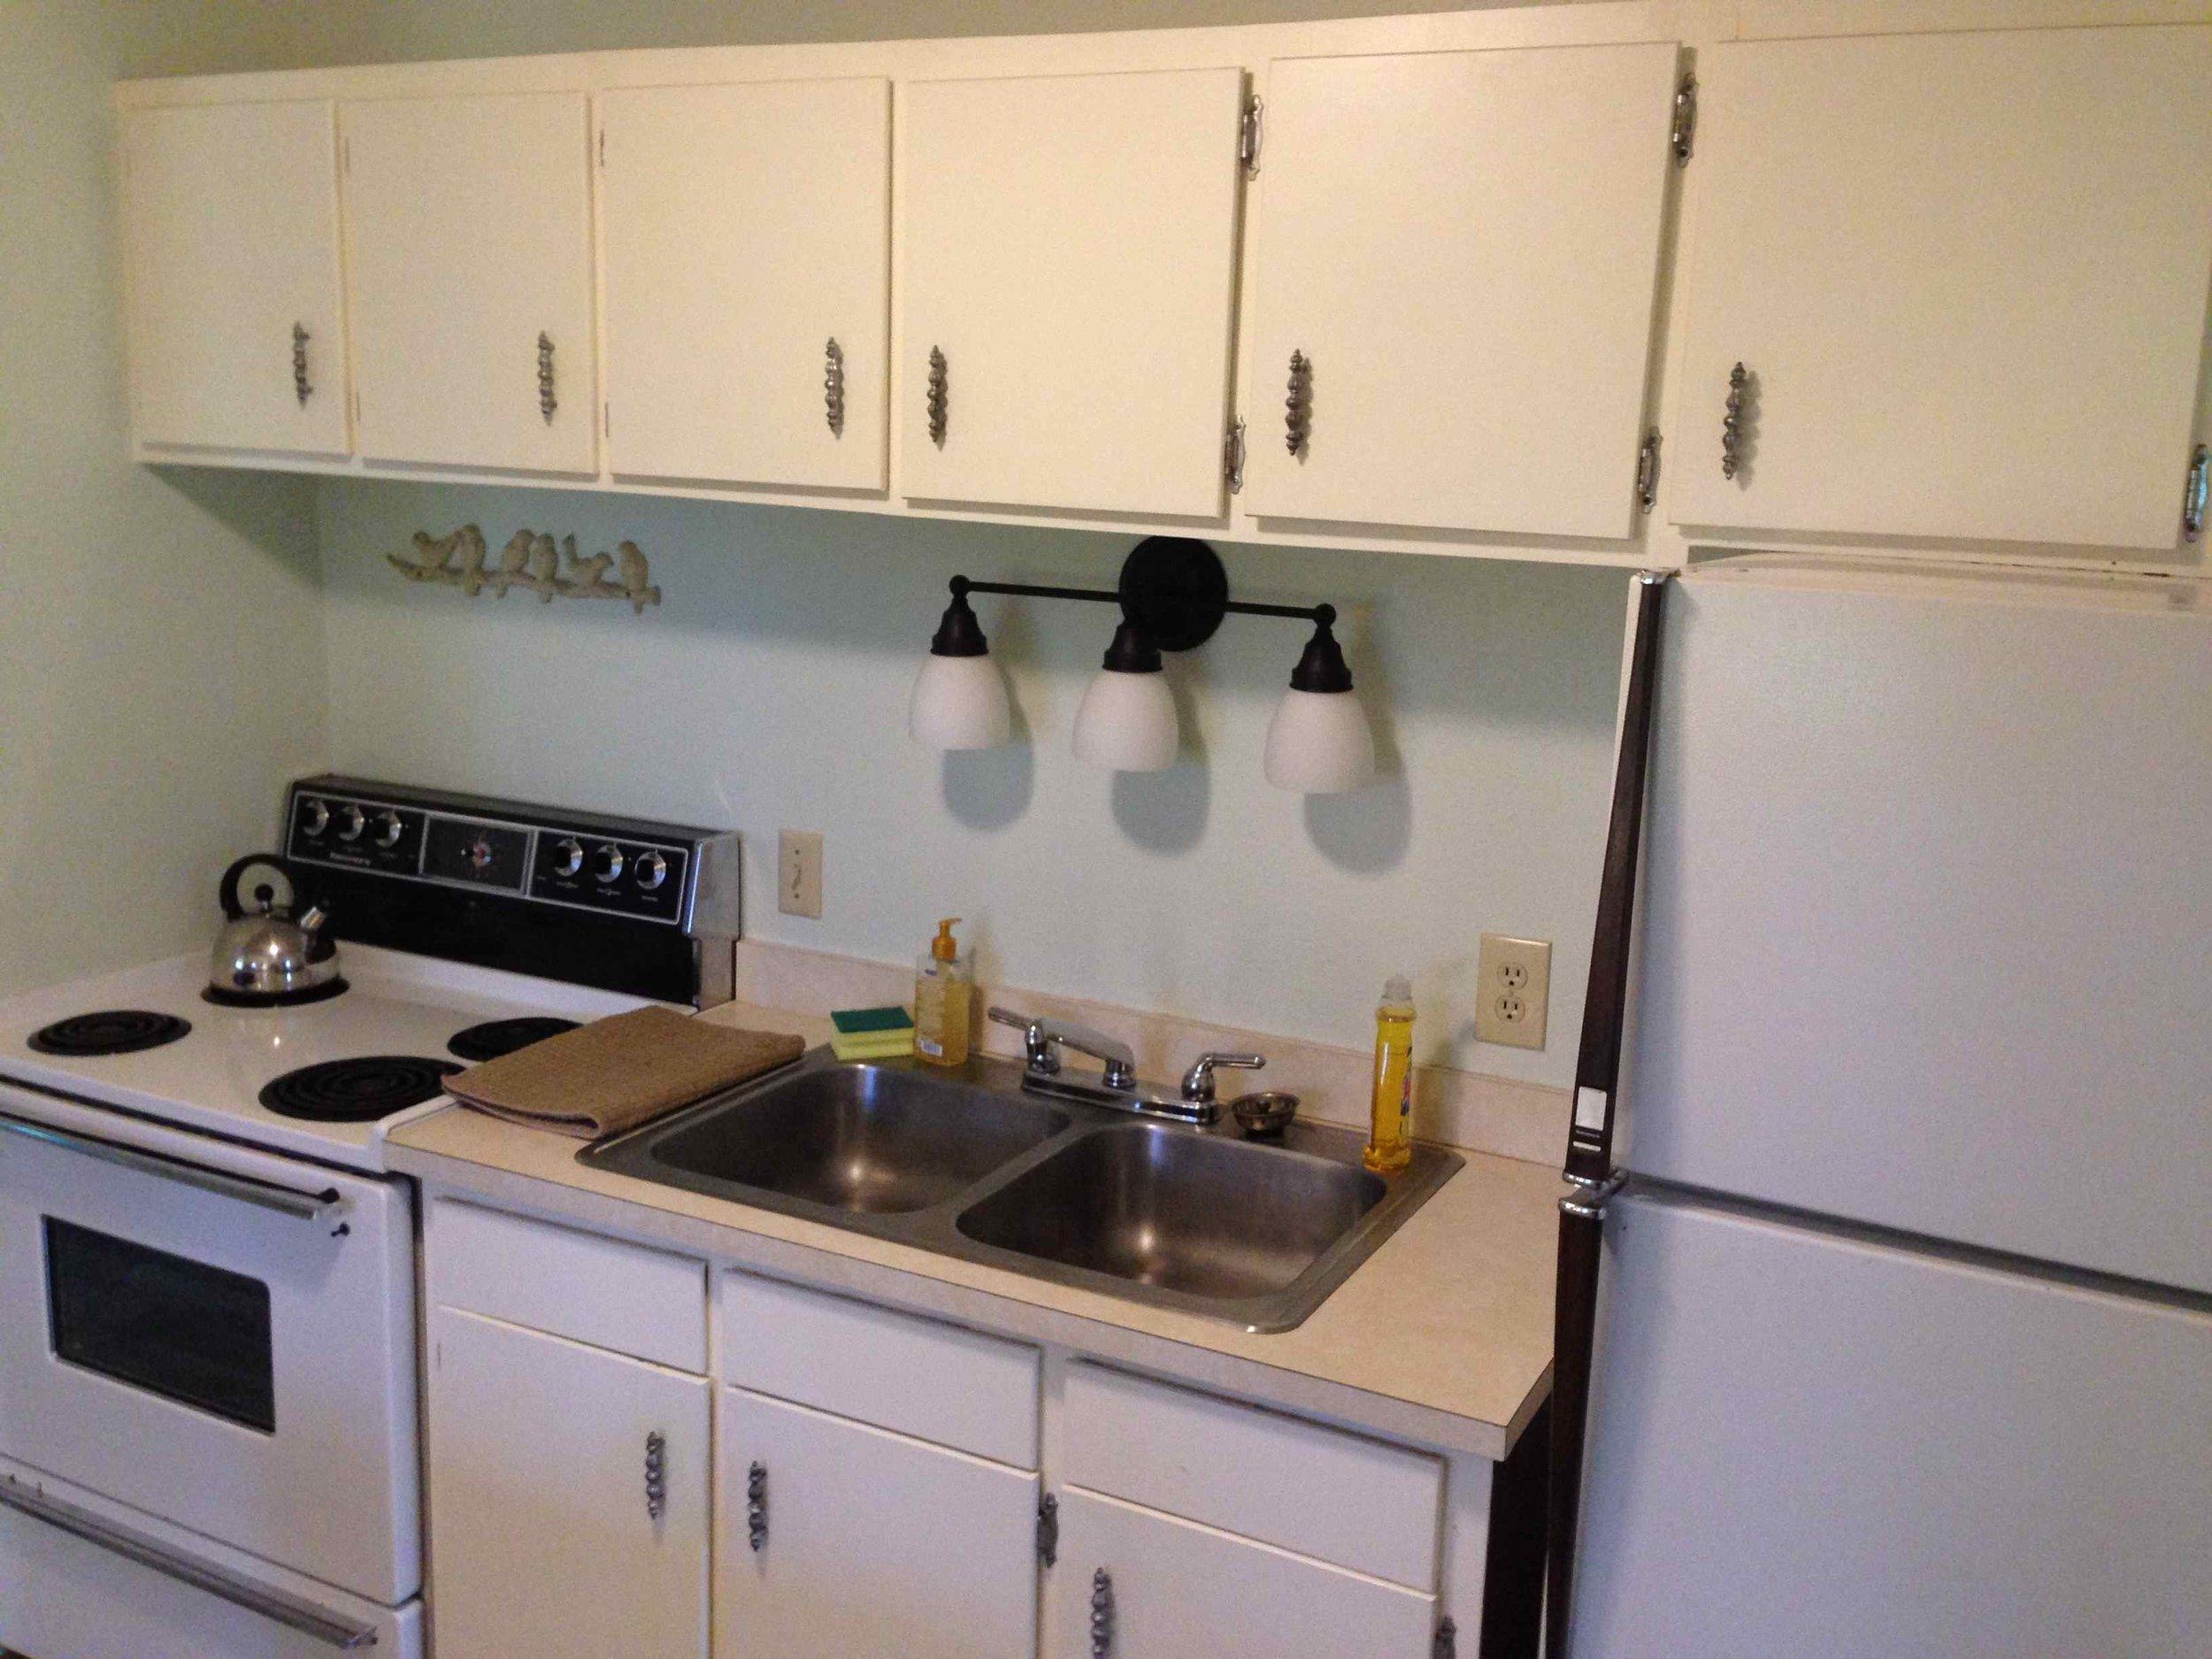 Kitchenright.jpg